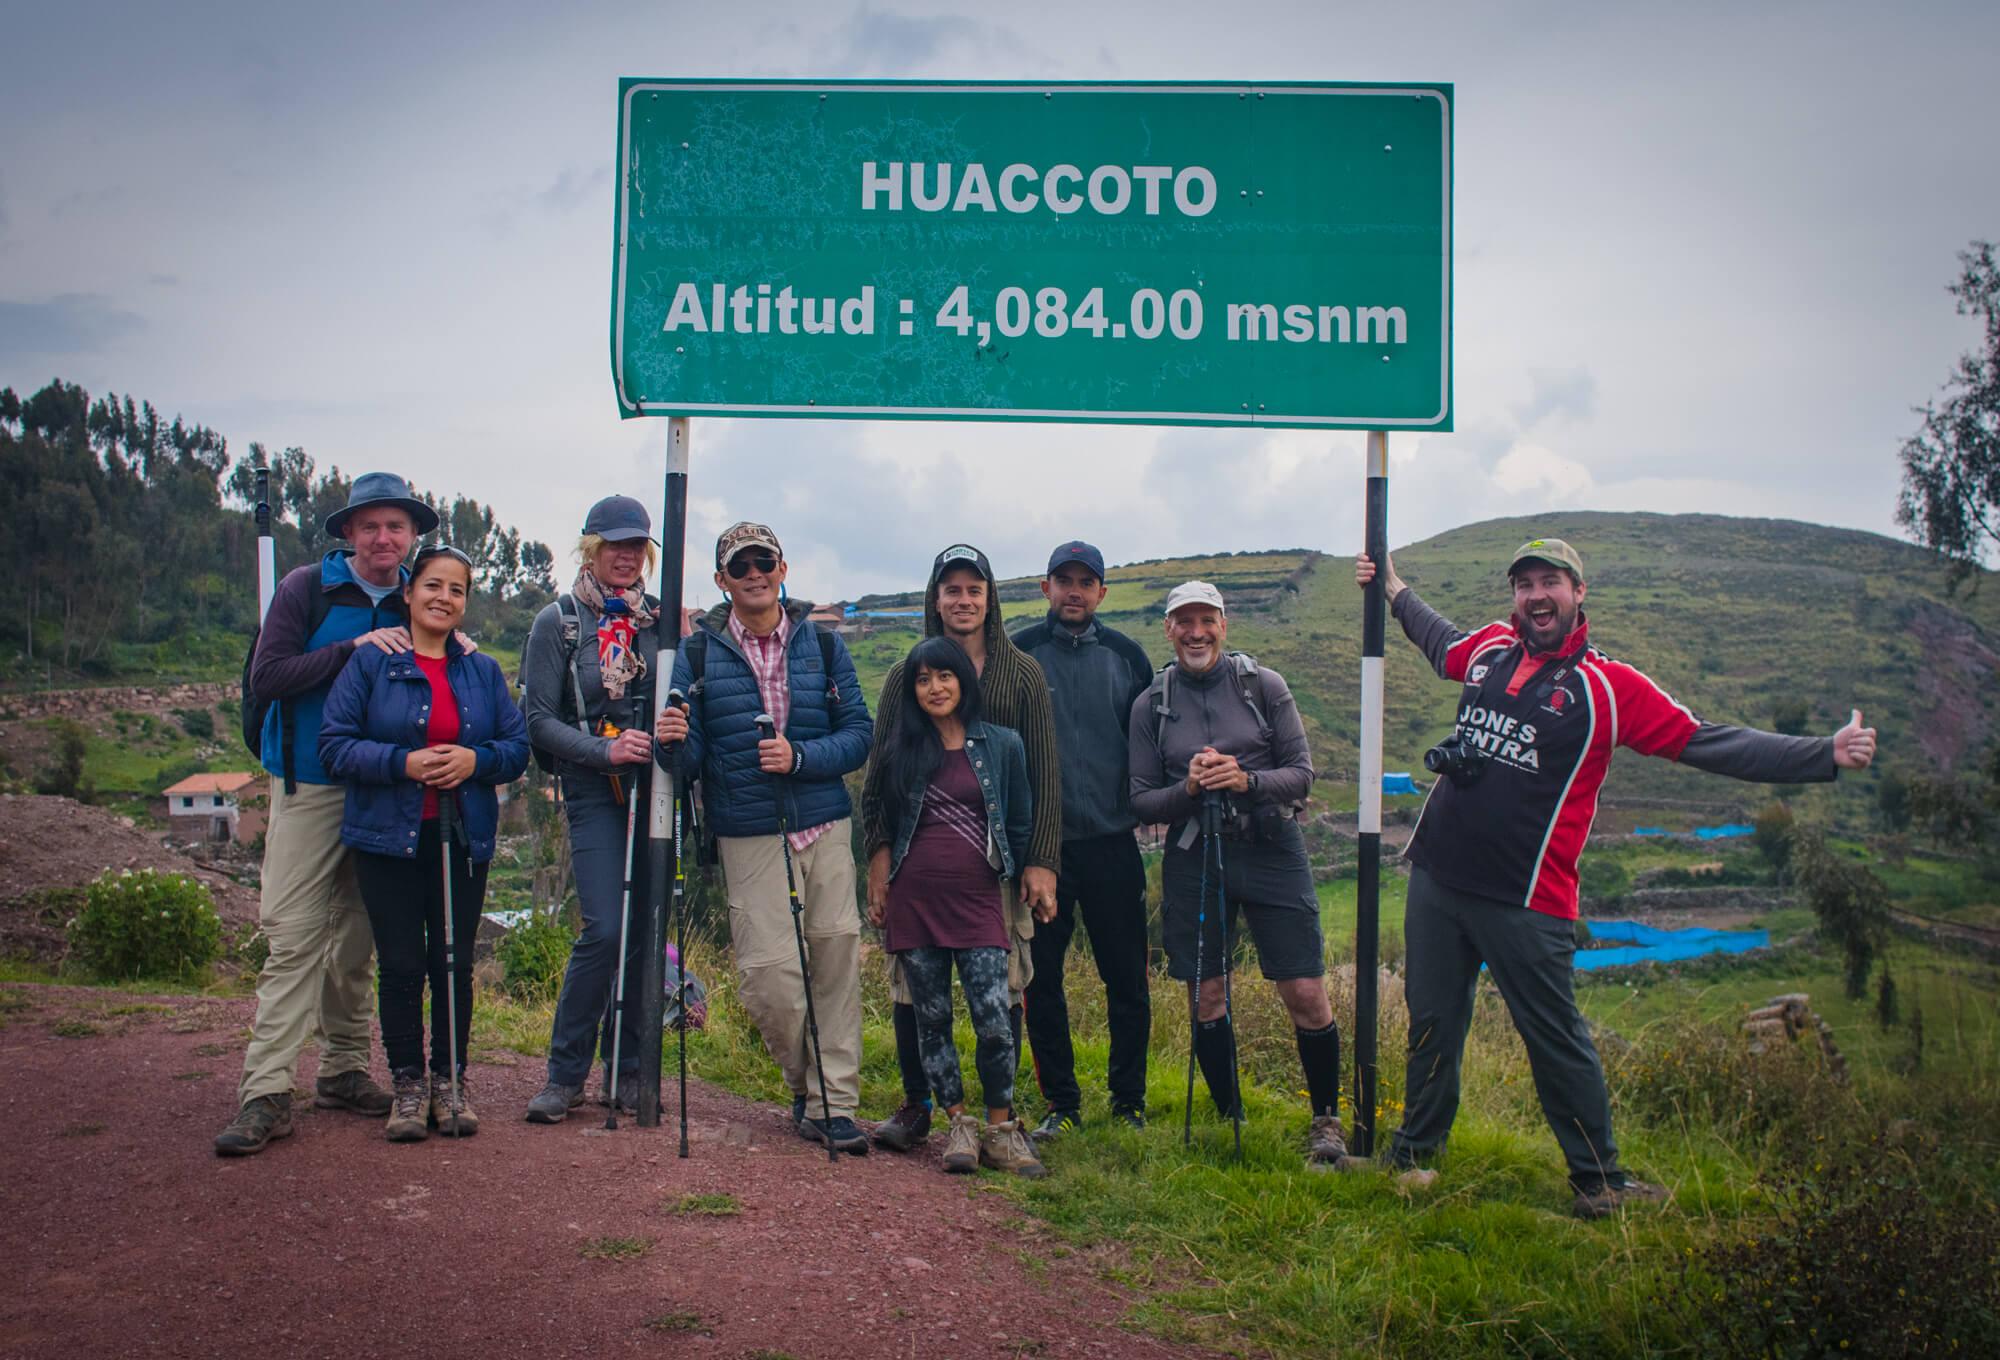 Group at Huacoto local village.jpg